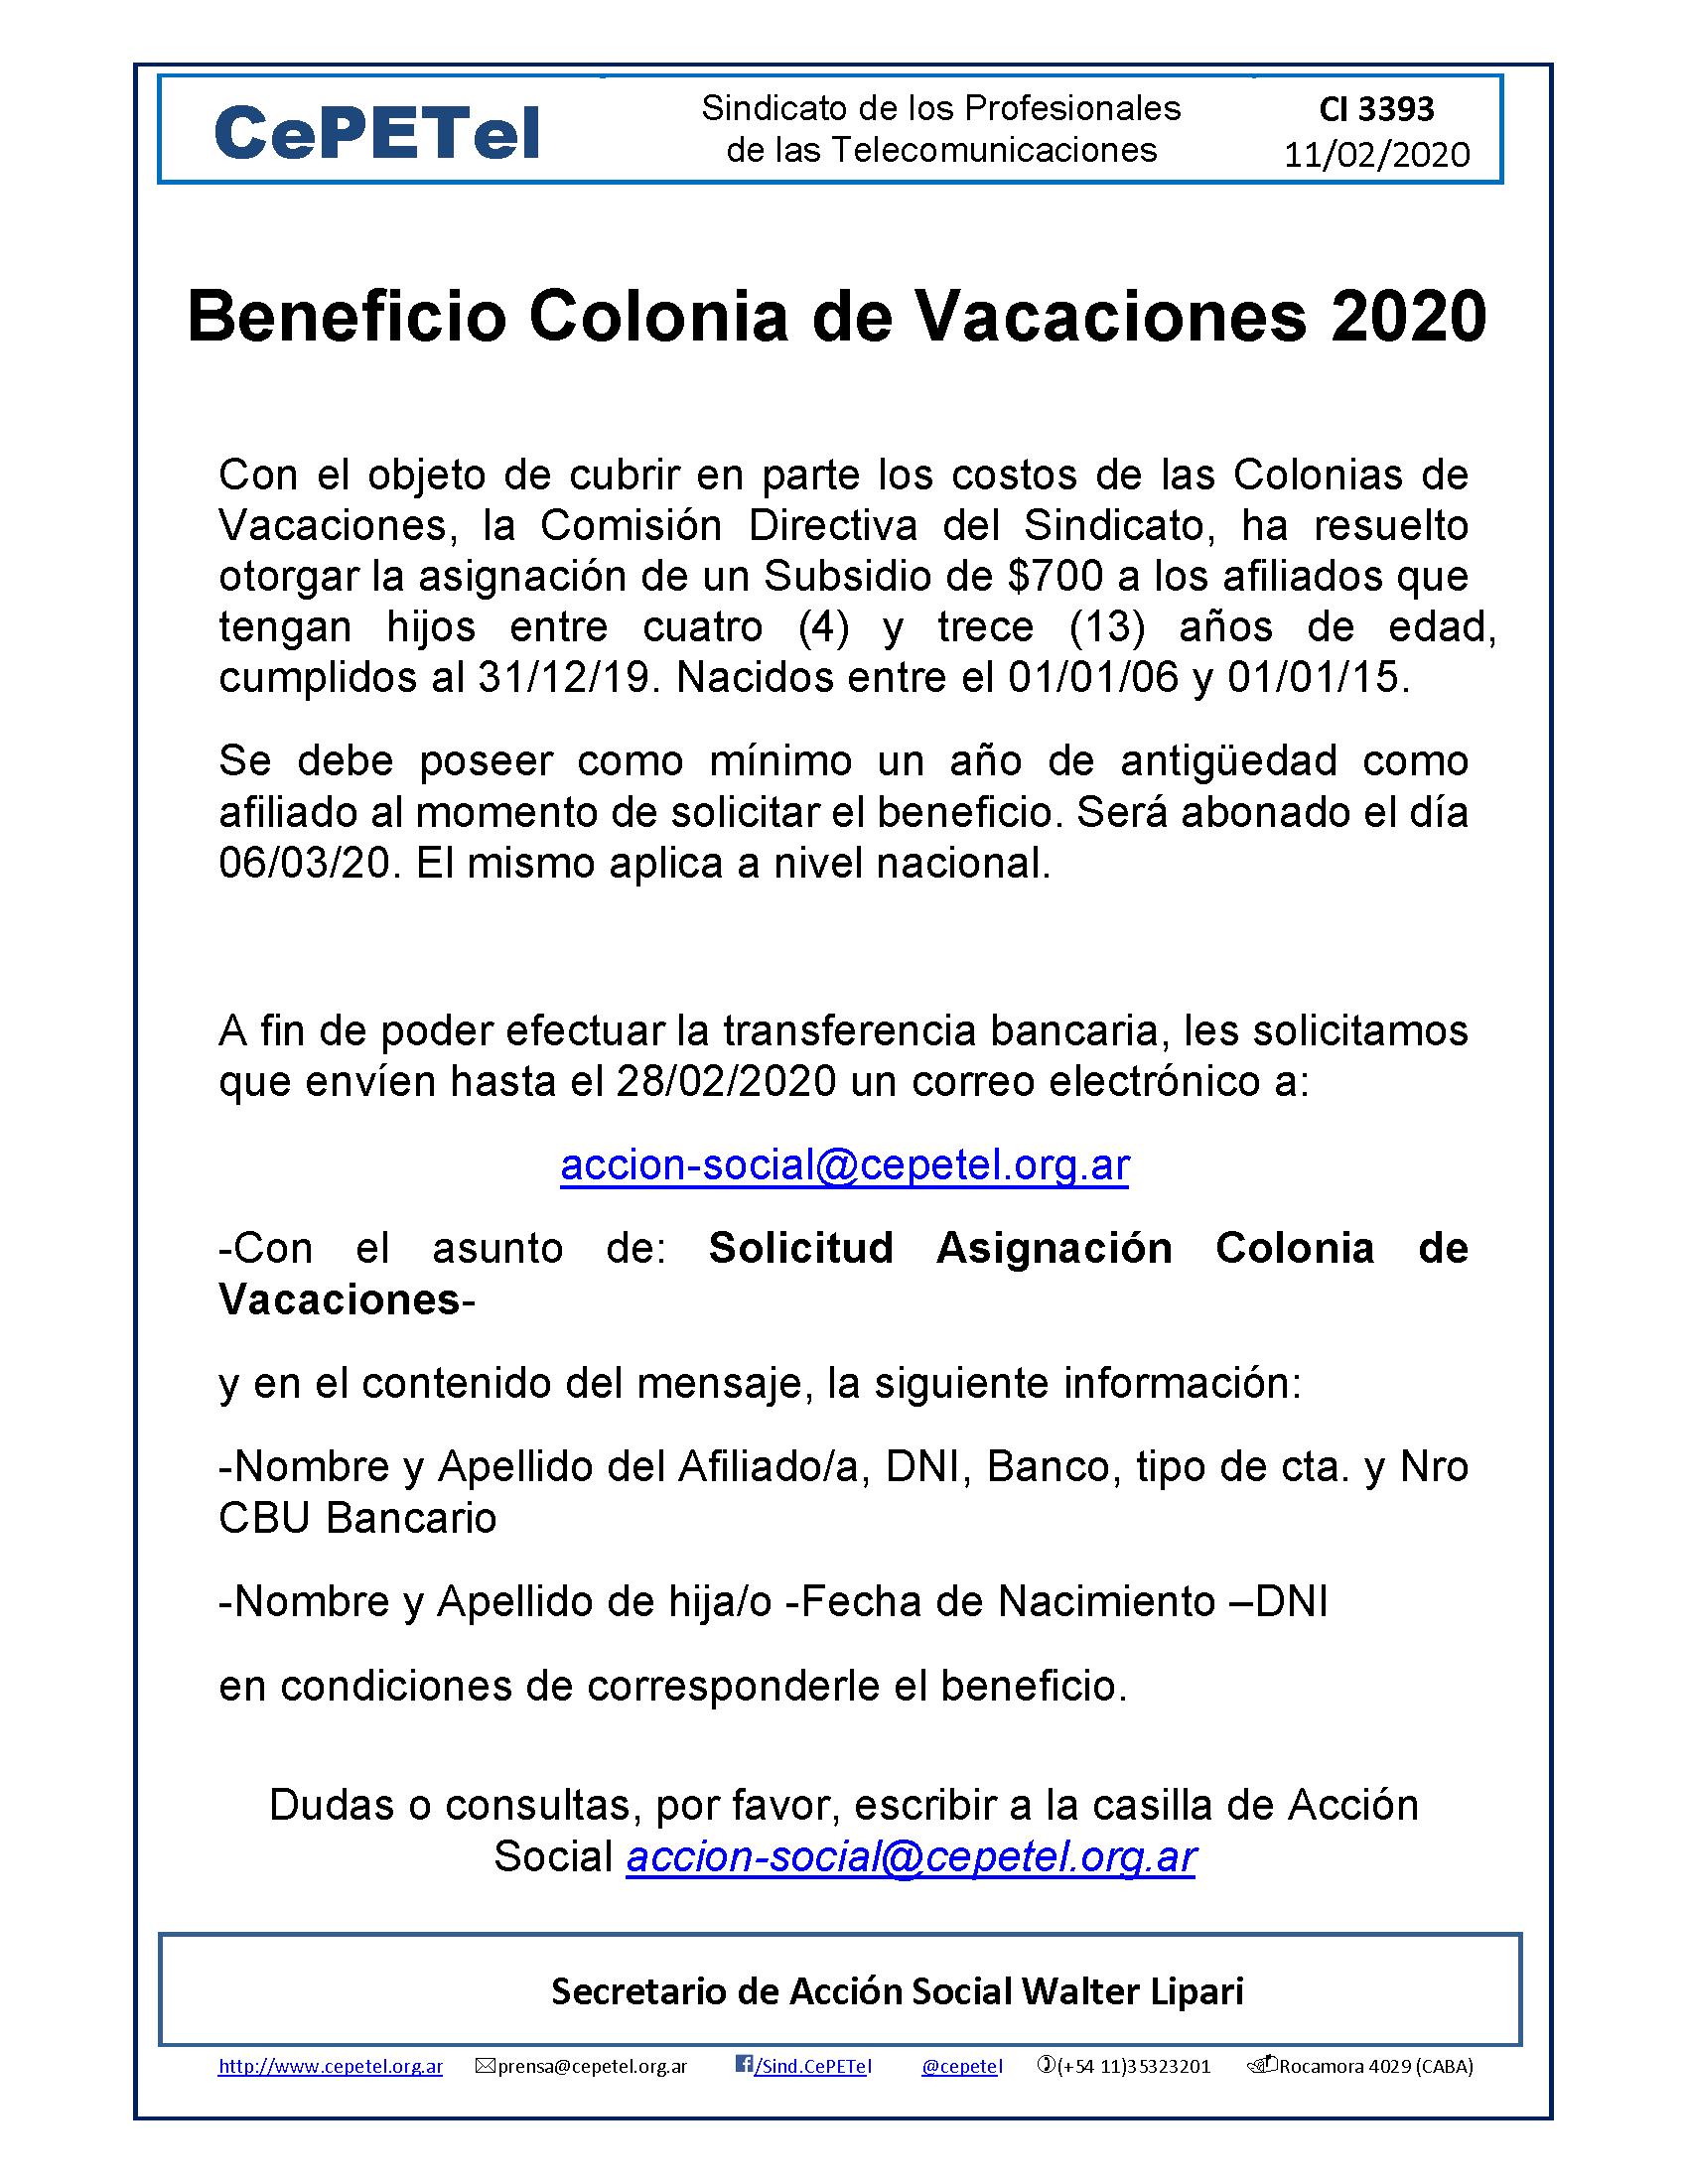 Beneficio Colonia de Vacaciones 2020